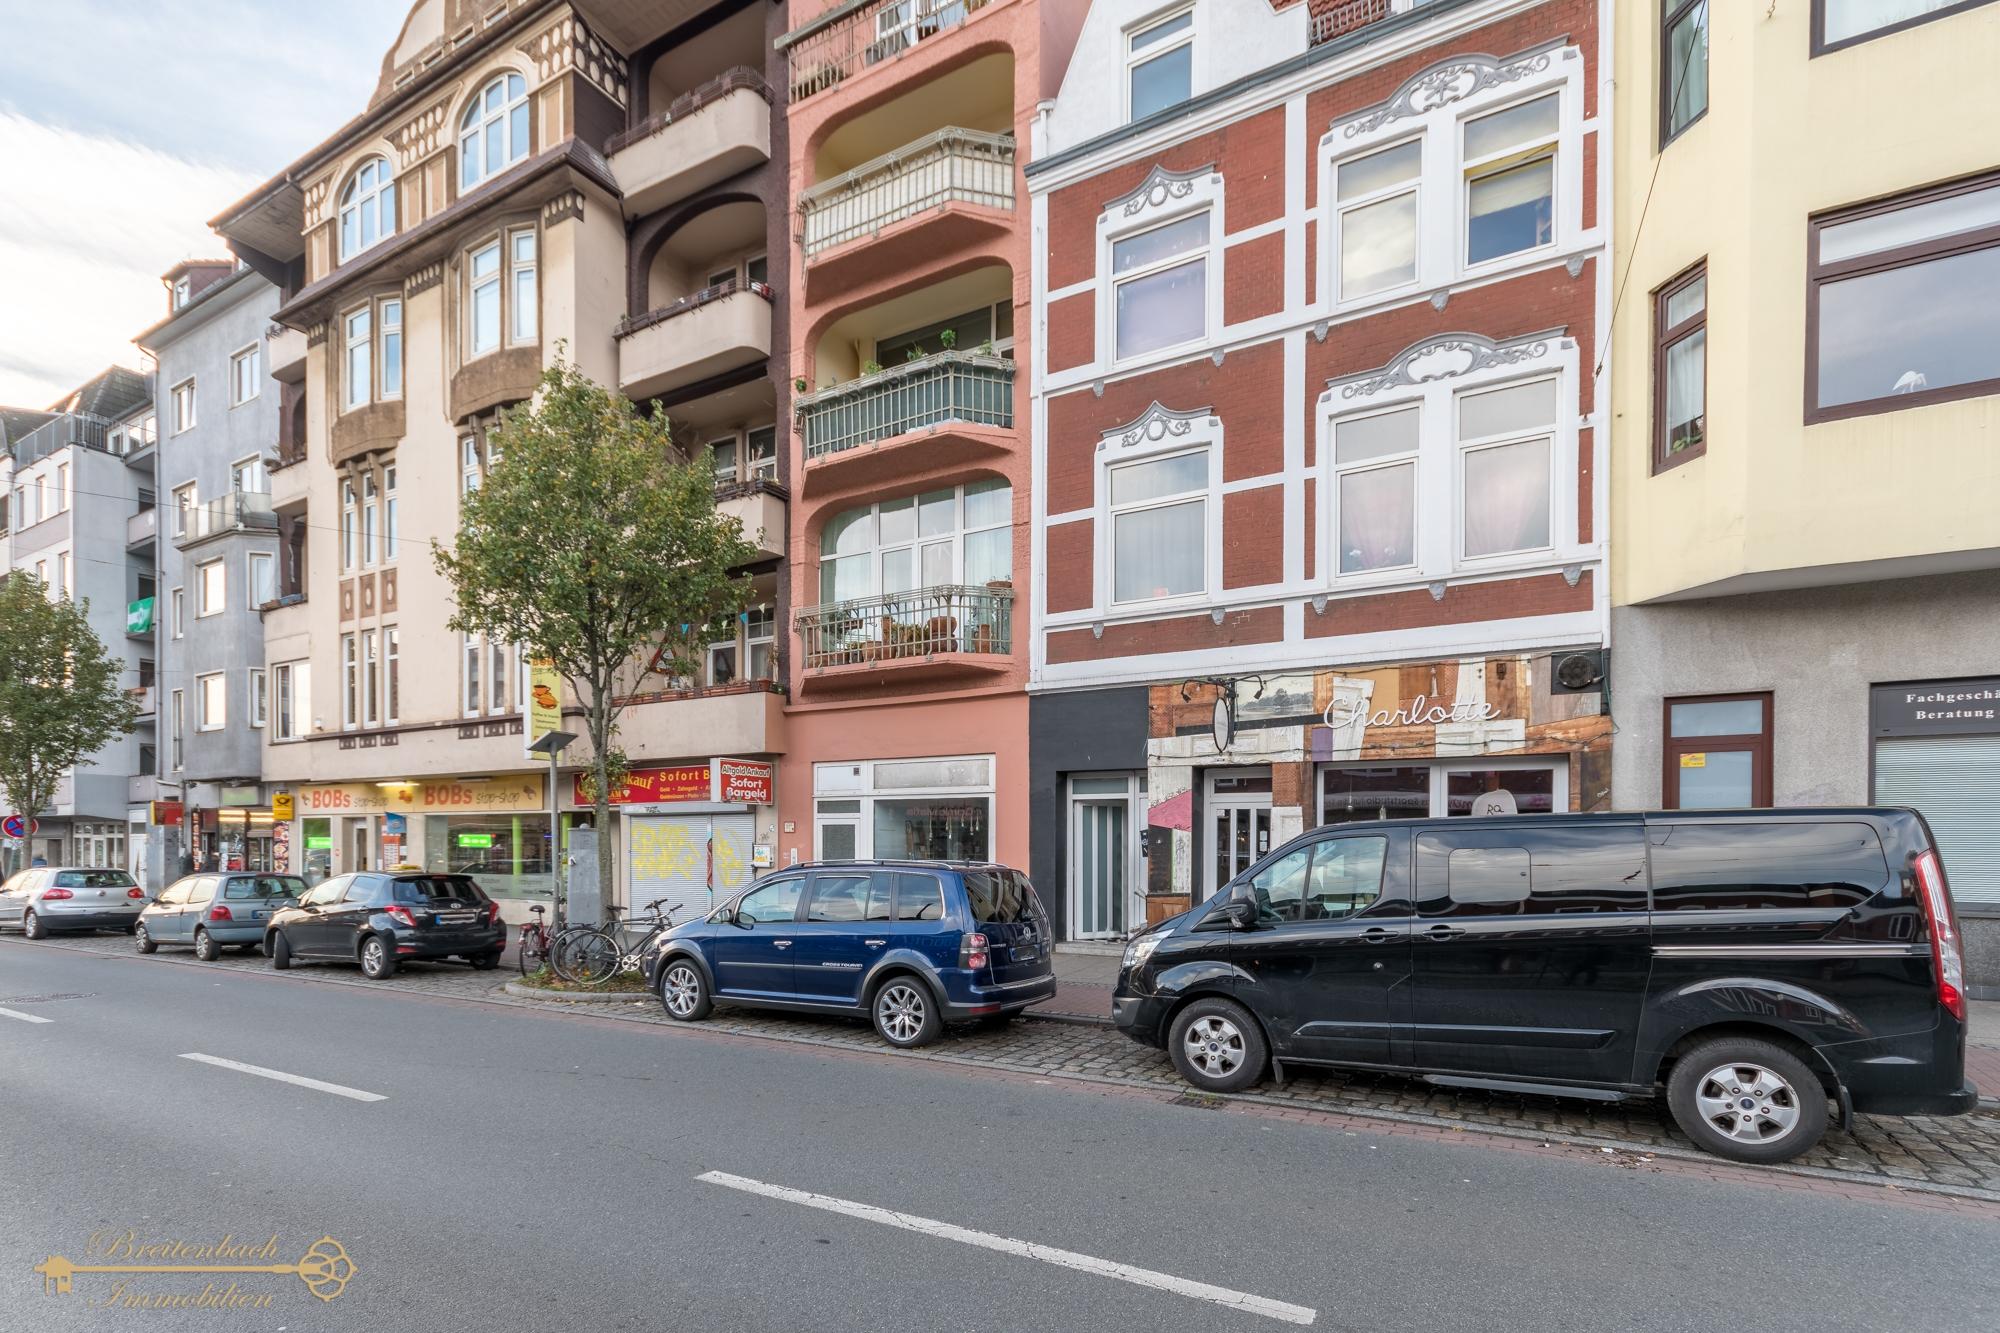 2020-11-15-Breitenbach-Immobilien-19